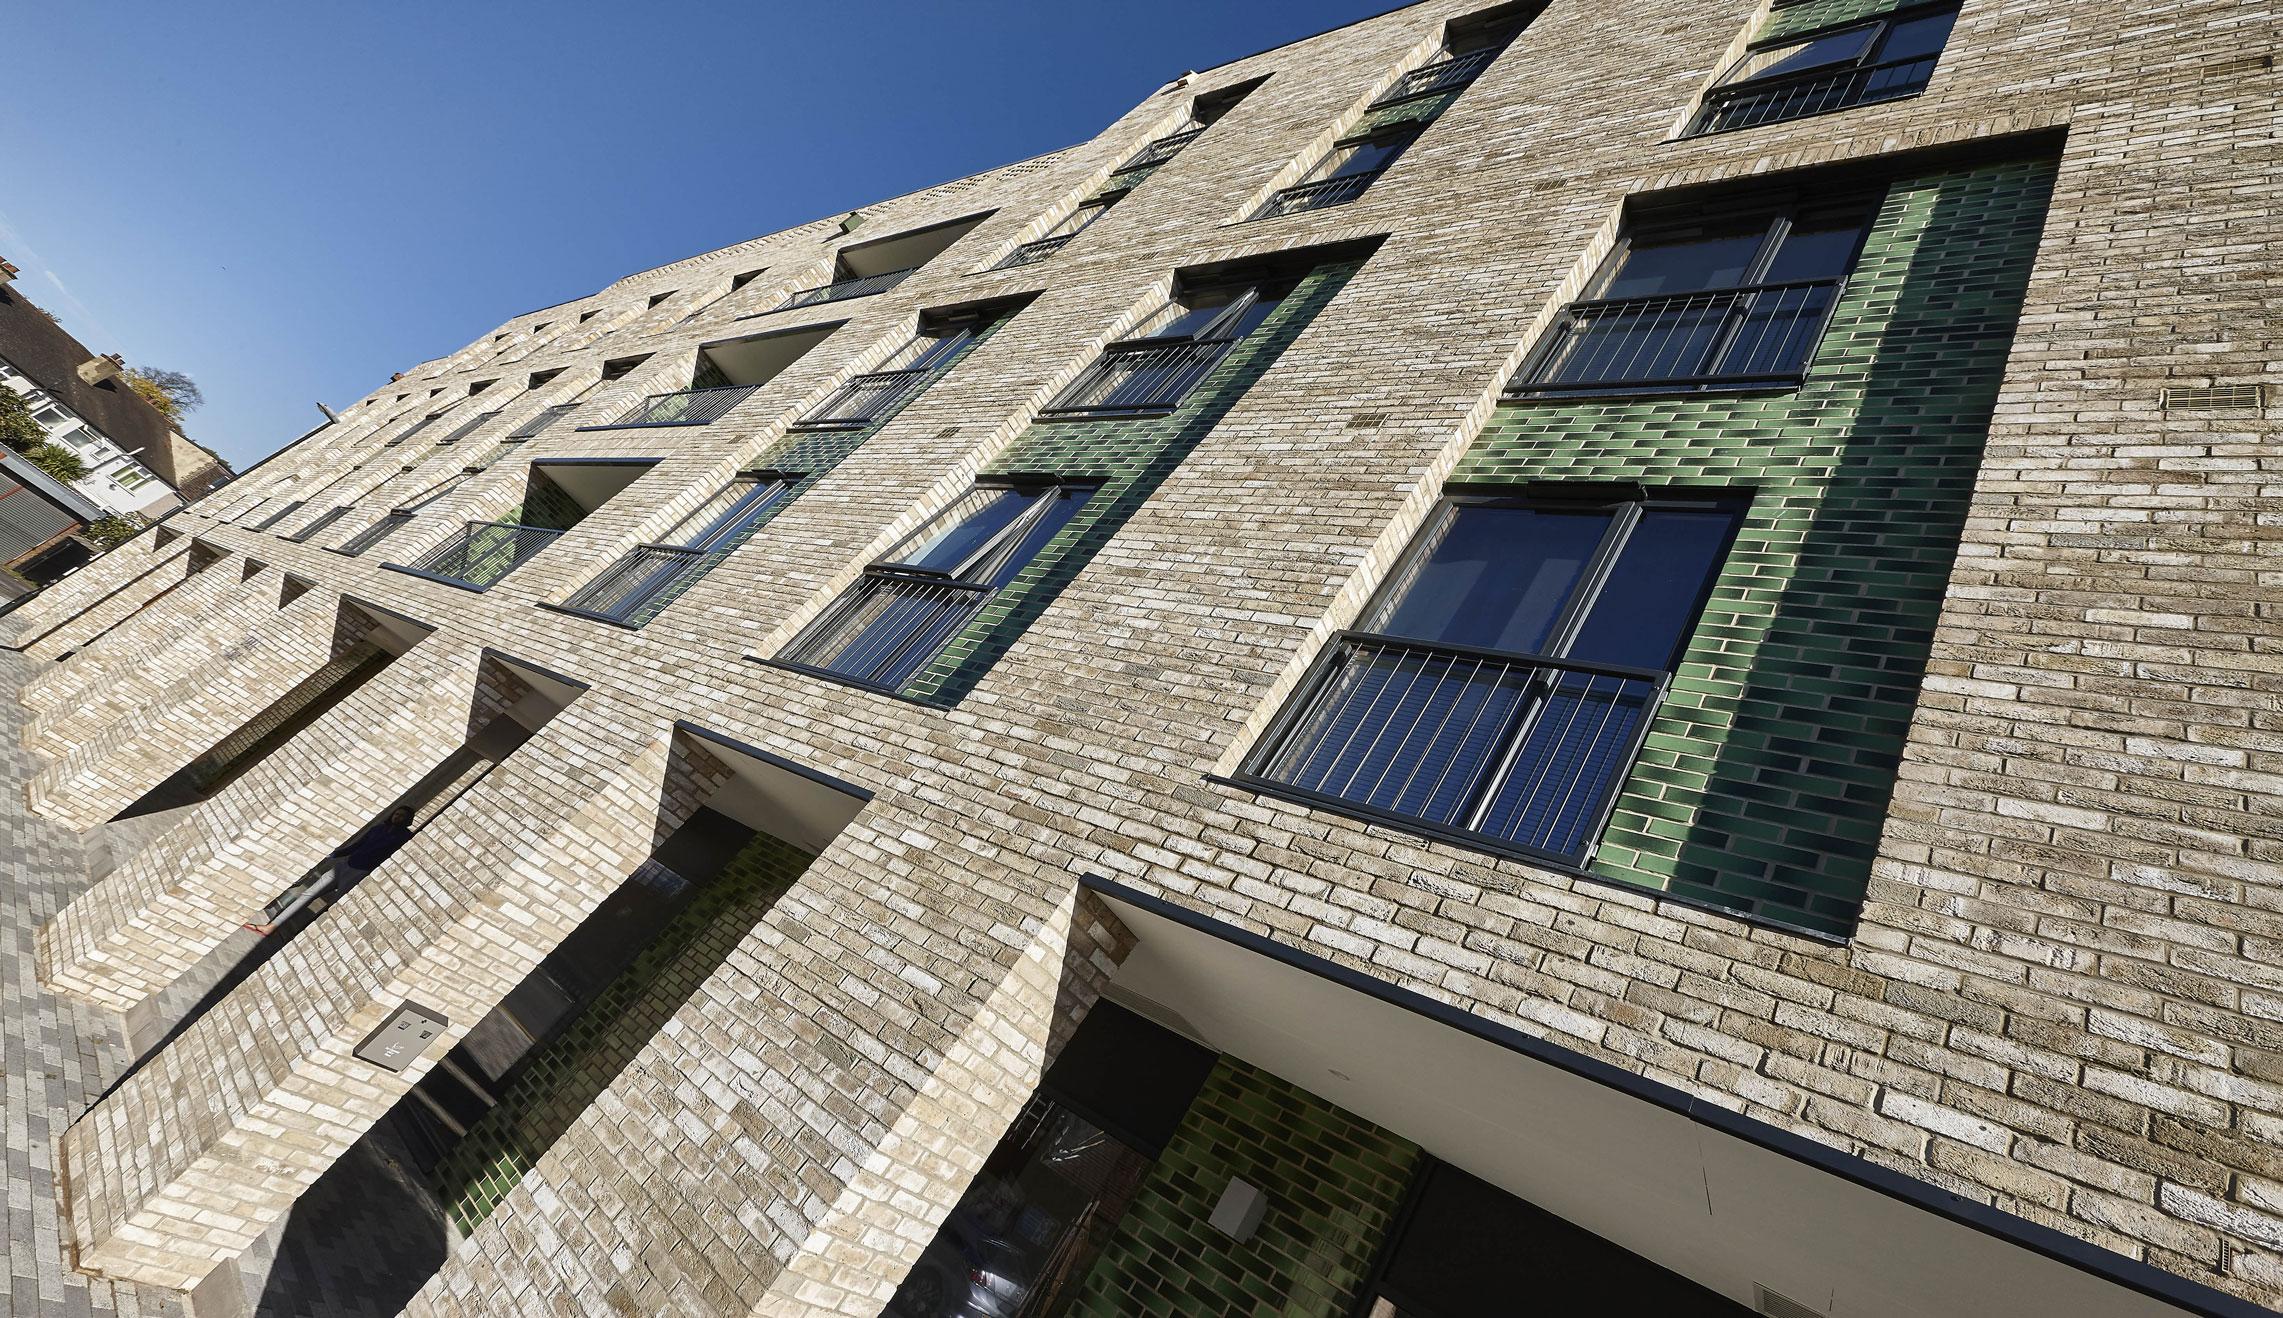 Yara Lewisham, The Window Company (Contracts) Limited